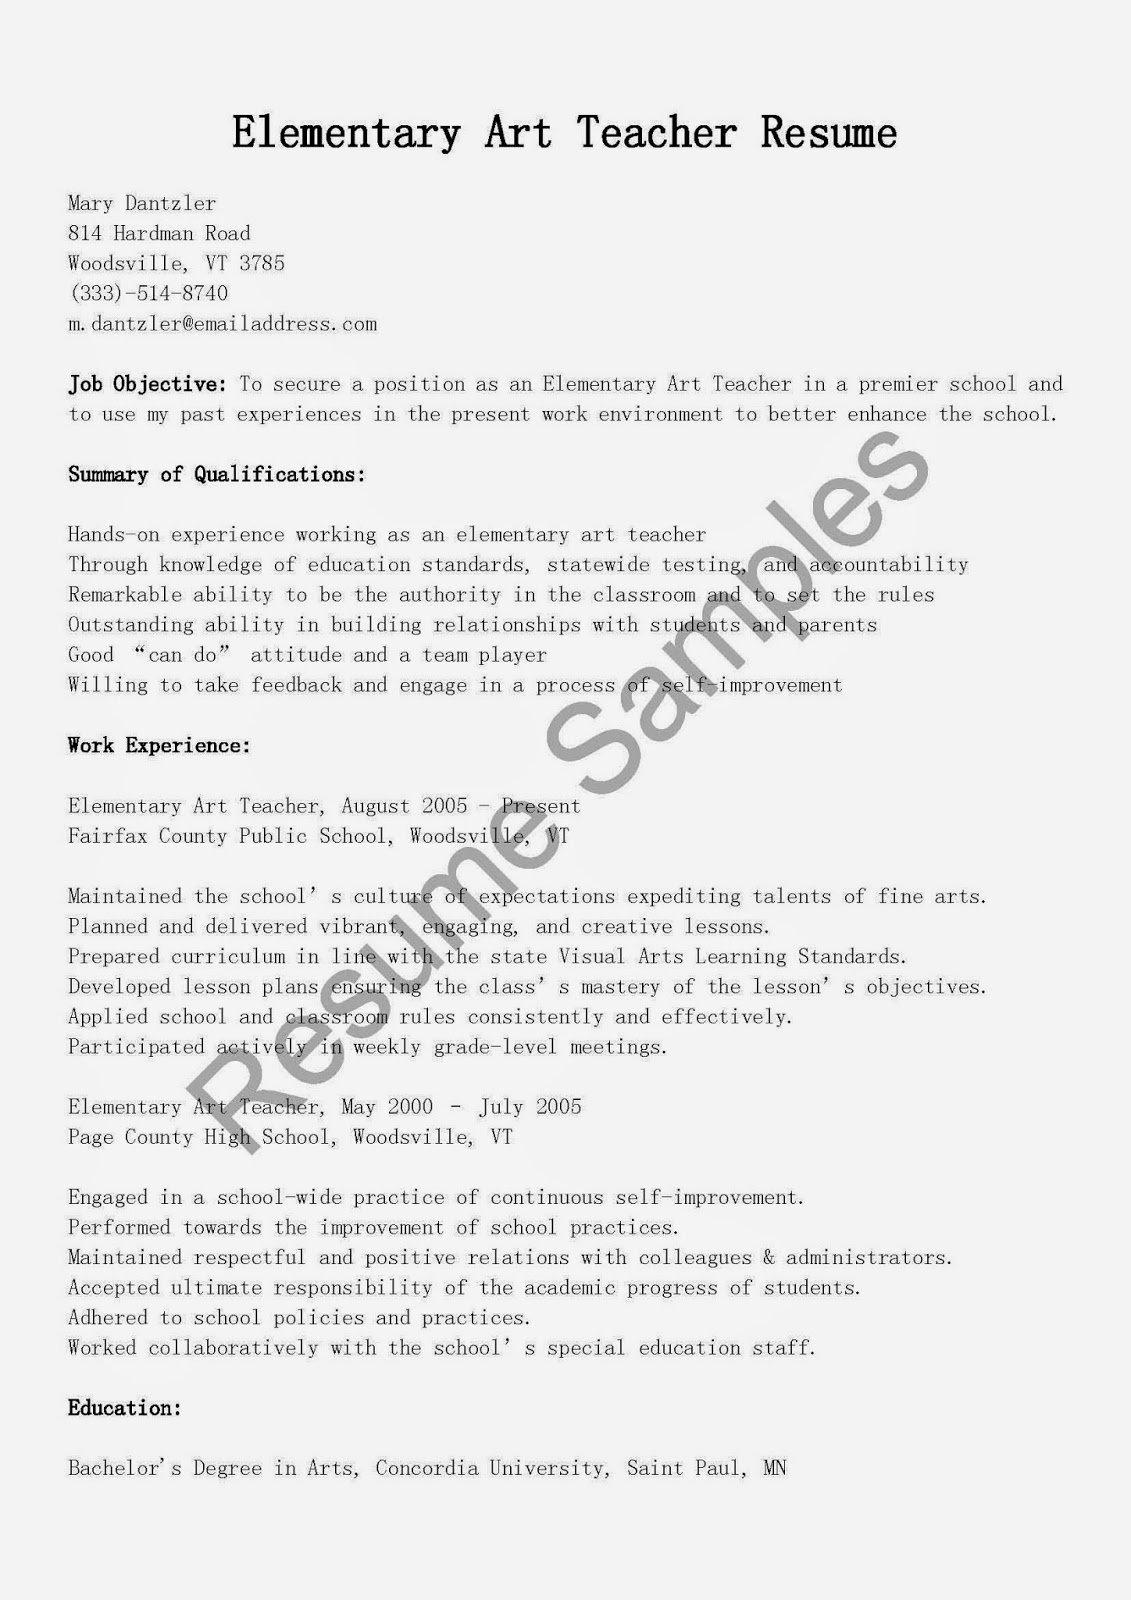 Resume Samples Elementary Art Teacher Resume Sample